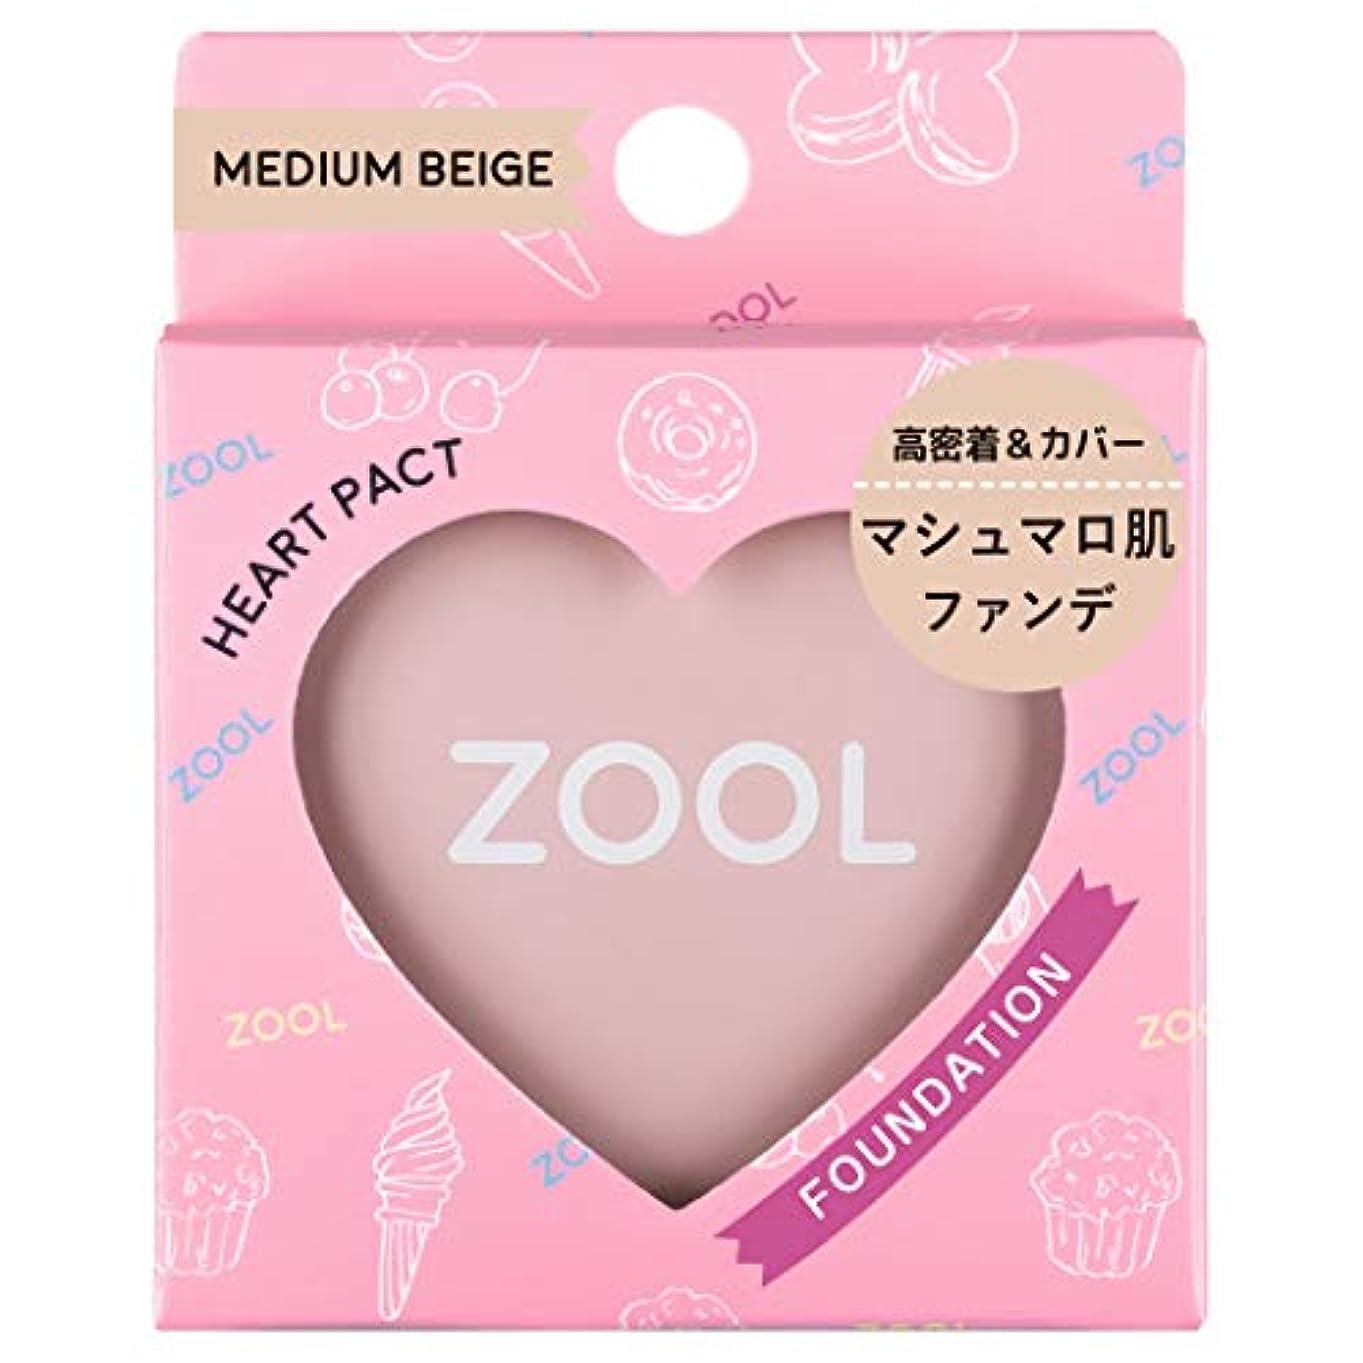 ポスト印象派粘液複雑なZOOL (ズール) ハートパクト ミディアムベージュ (ファンデ) (1個)